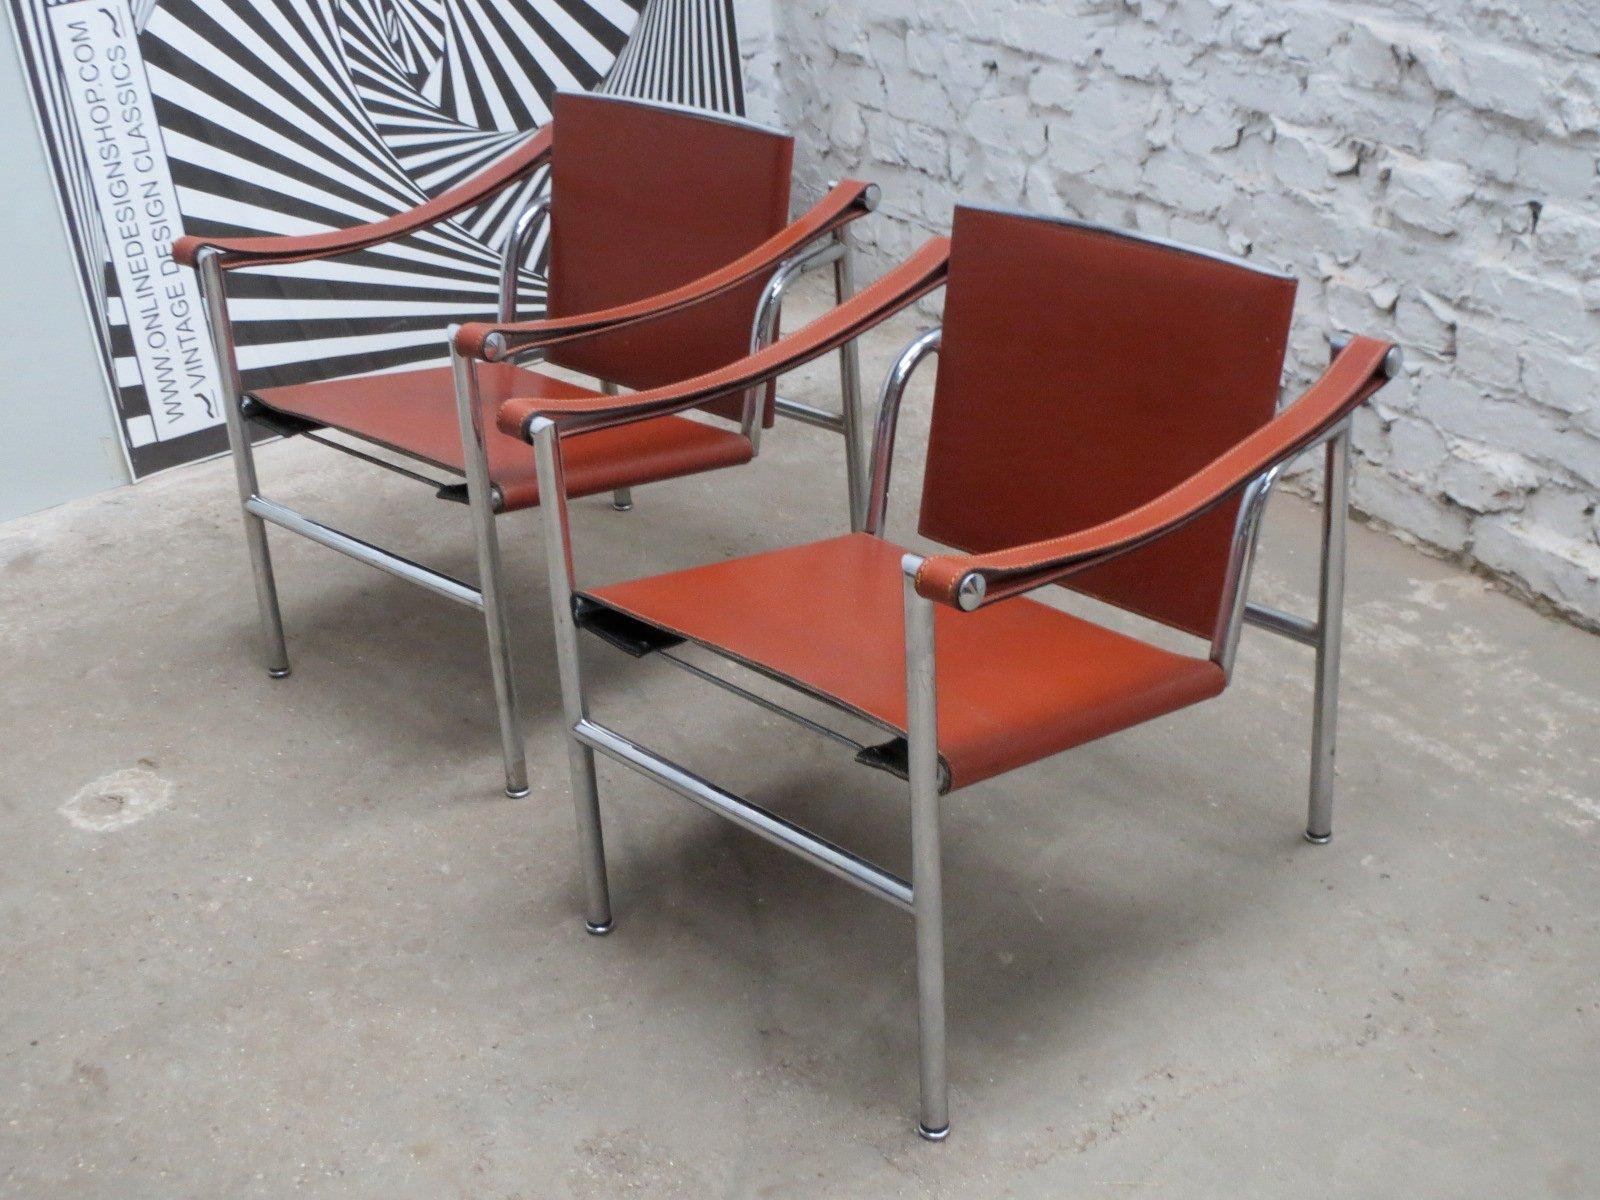 Sedia lc1 modernista basculante di le corbusier pierre jeanneret e charlotte perriand per - Sedia le corbusier ...